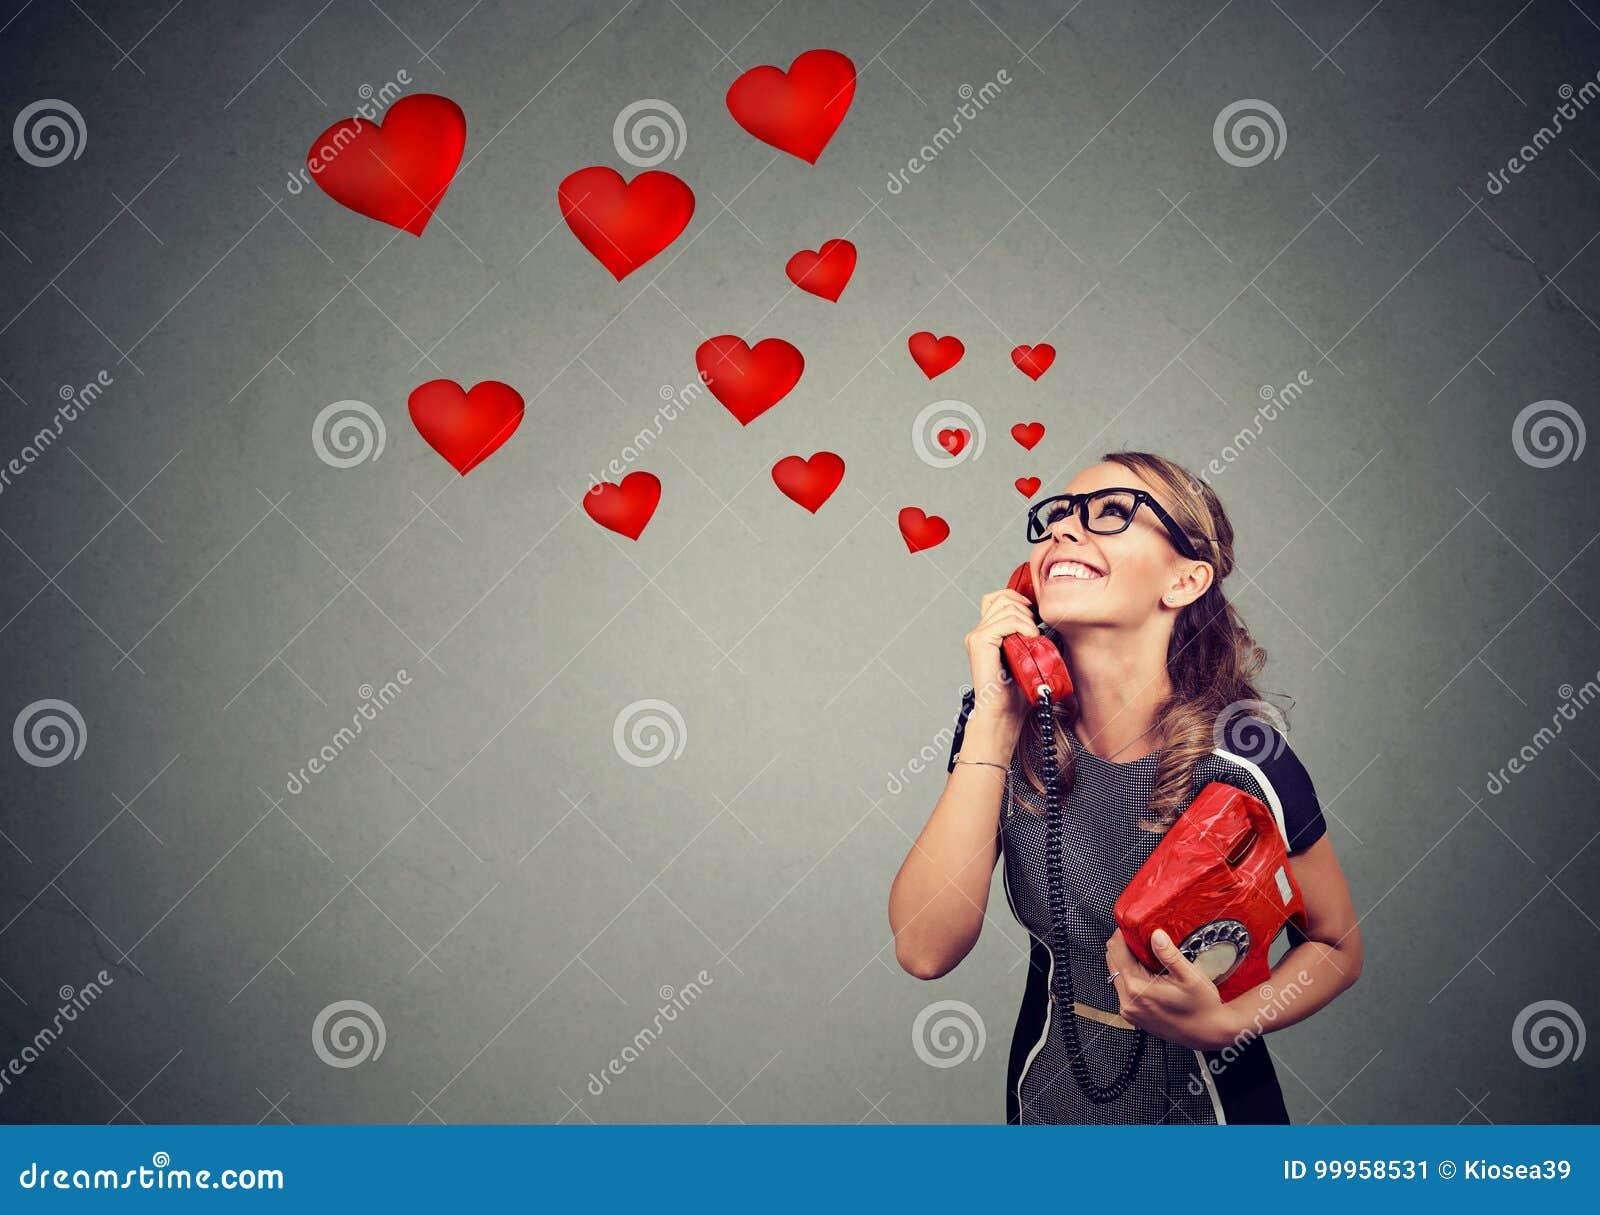 woman is love